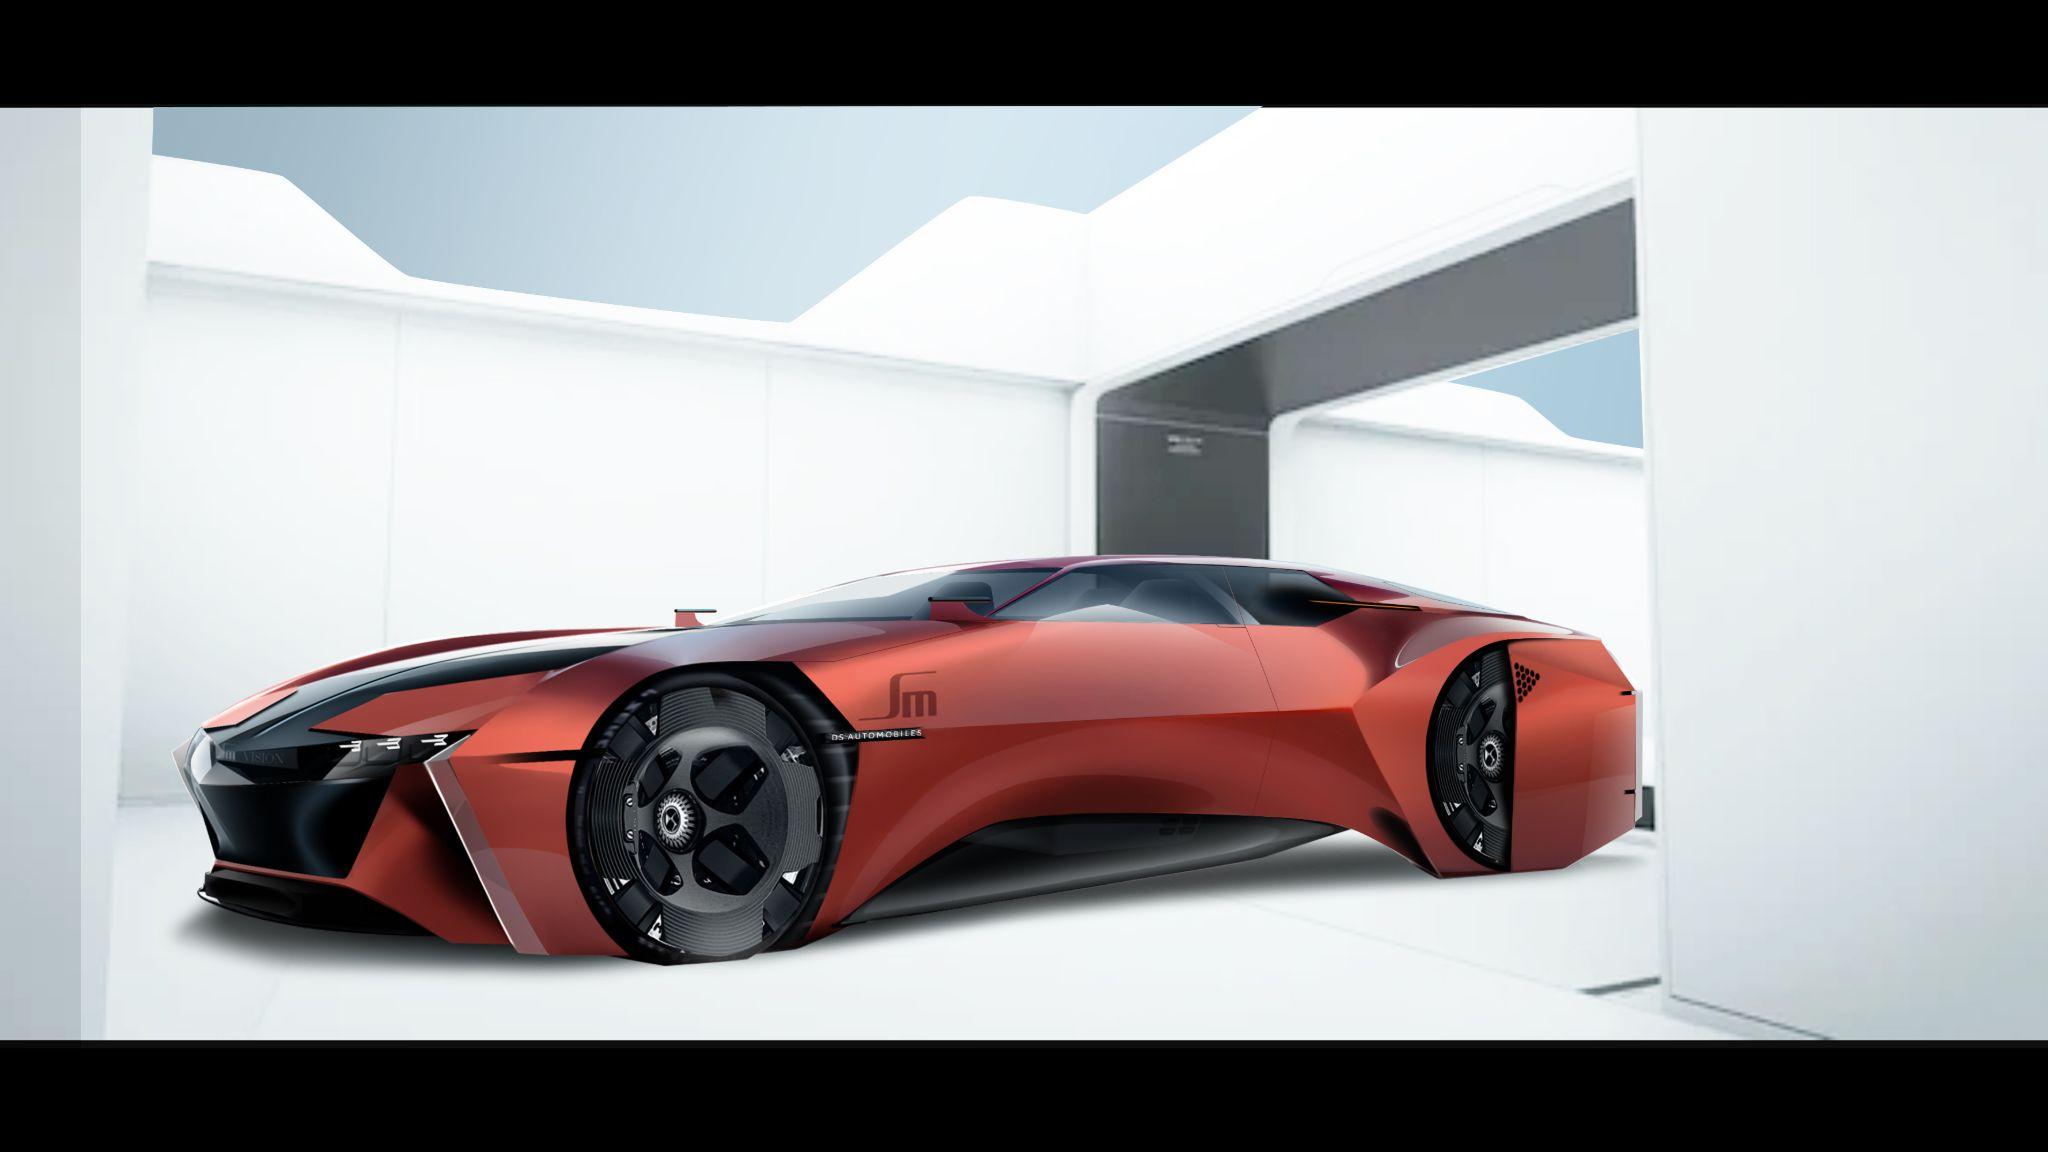 На роскошном бренде Citroën DS проводится конкурс дизайна New-Age SM, мы все выигрываем